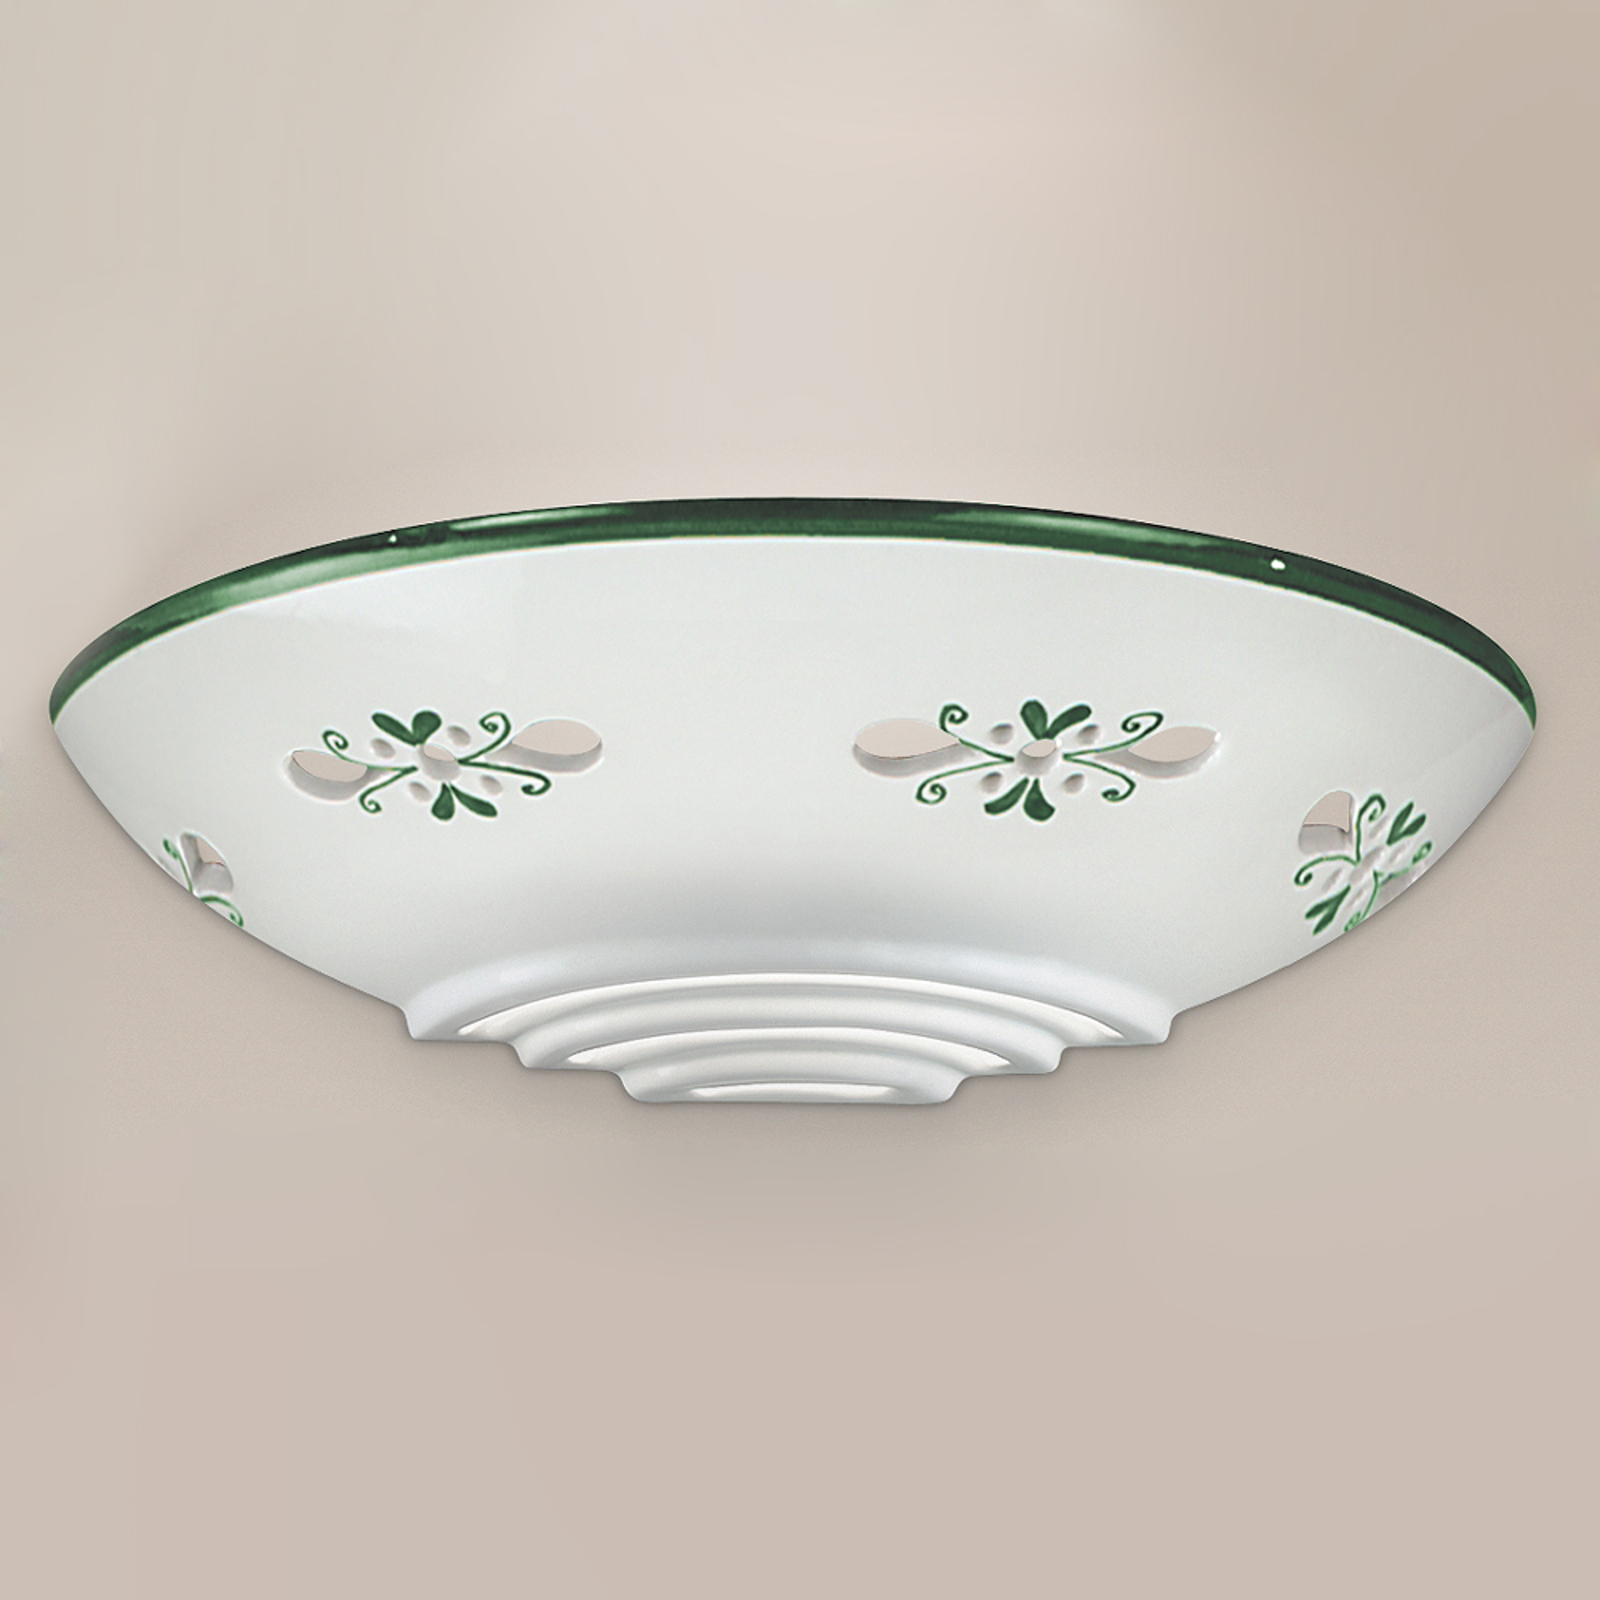 Applique d'extérieur Bassano céramique, vert